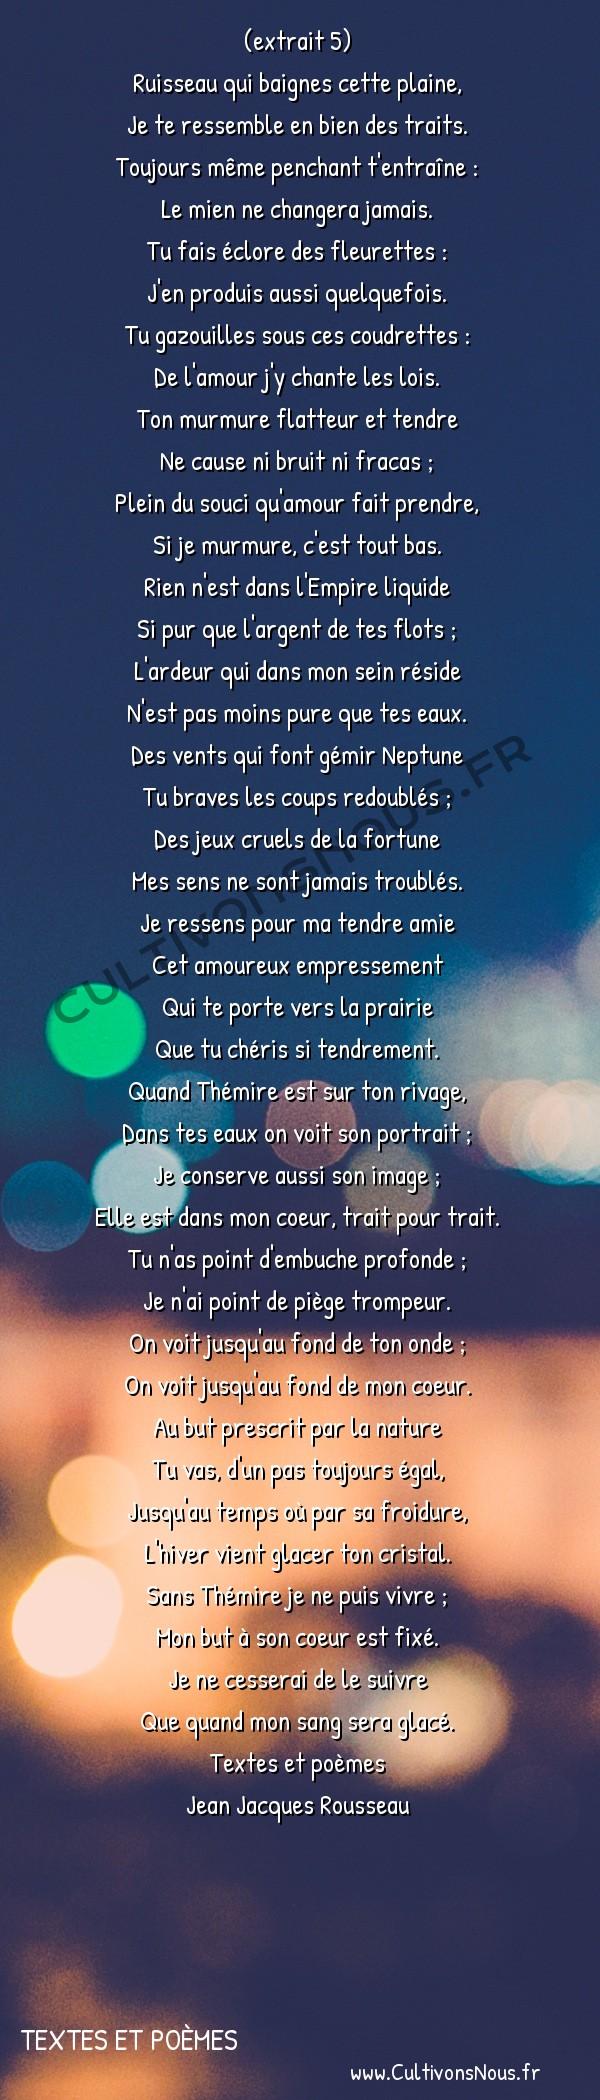 Poésie Jean Jacques Rousseau - textes et poèmes - Les consolations des misères de ma vie -  (extrait 5) Ruisseau qui baignes cette plaine,